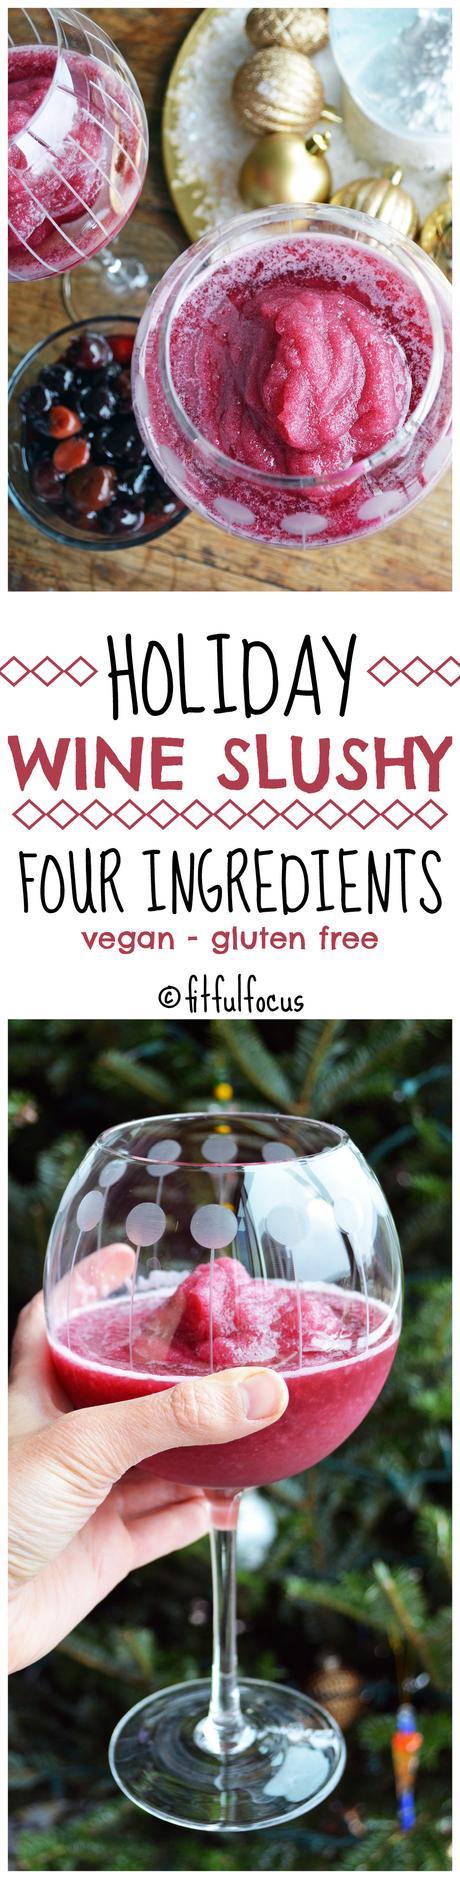 Holiday Wine Slushy (vegan, gluten free)